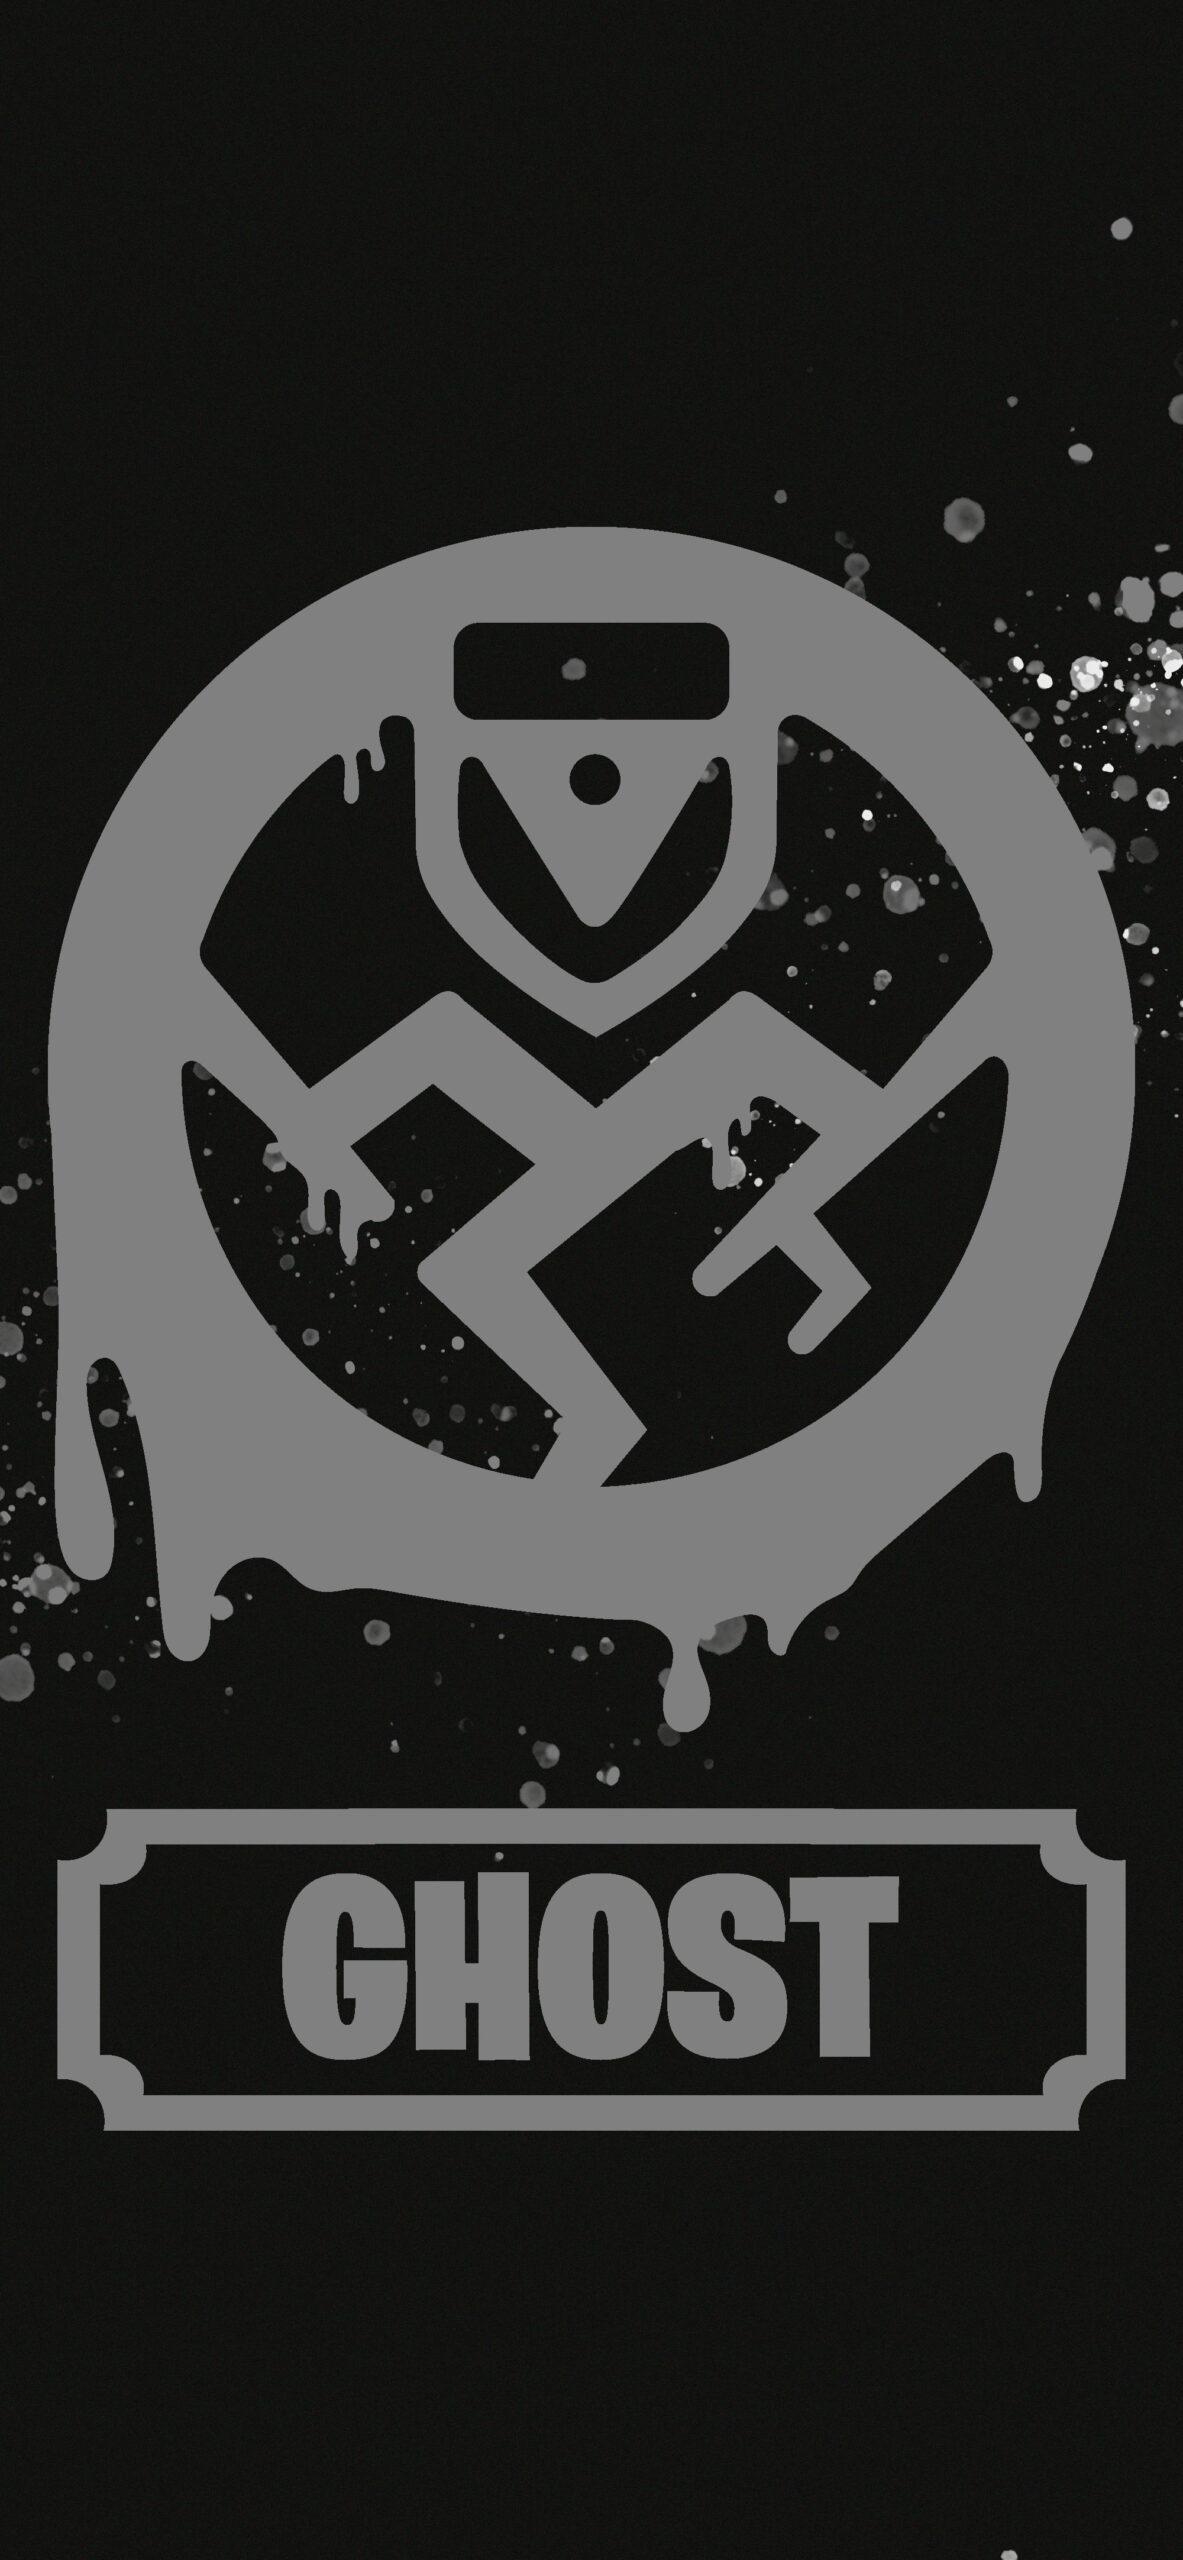 fortnite ghost logo black wallpaper